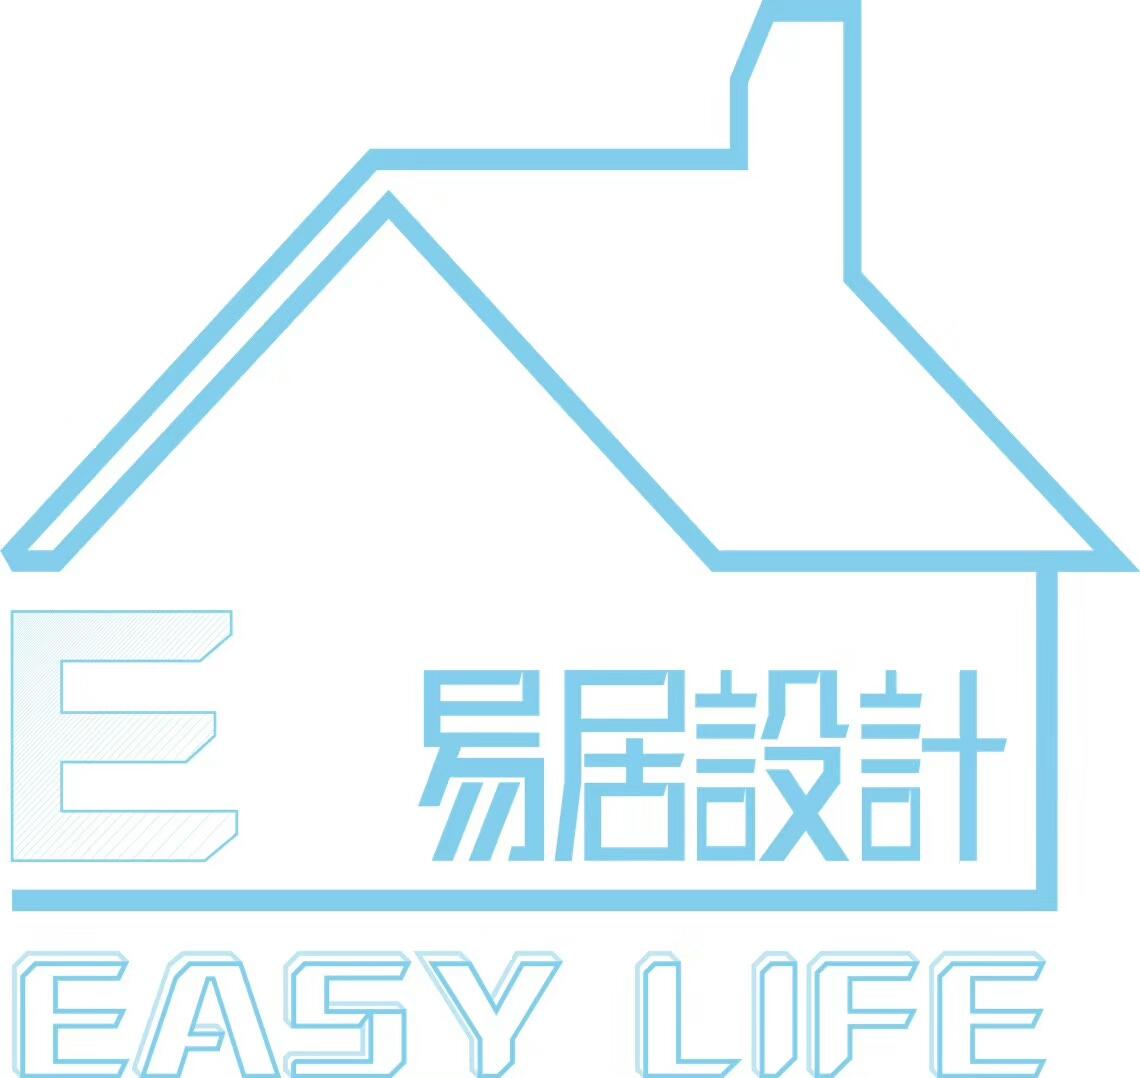 永州潇湘易居设计装饰工程有限公司